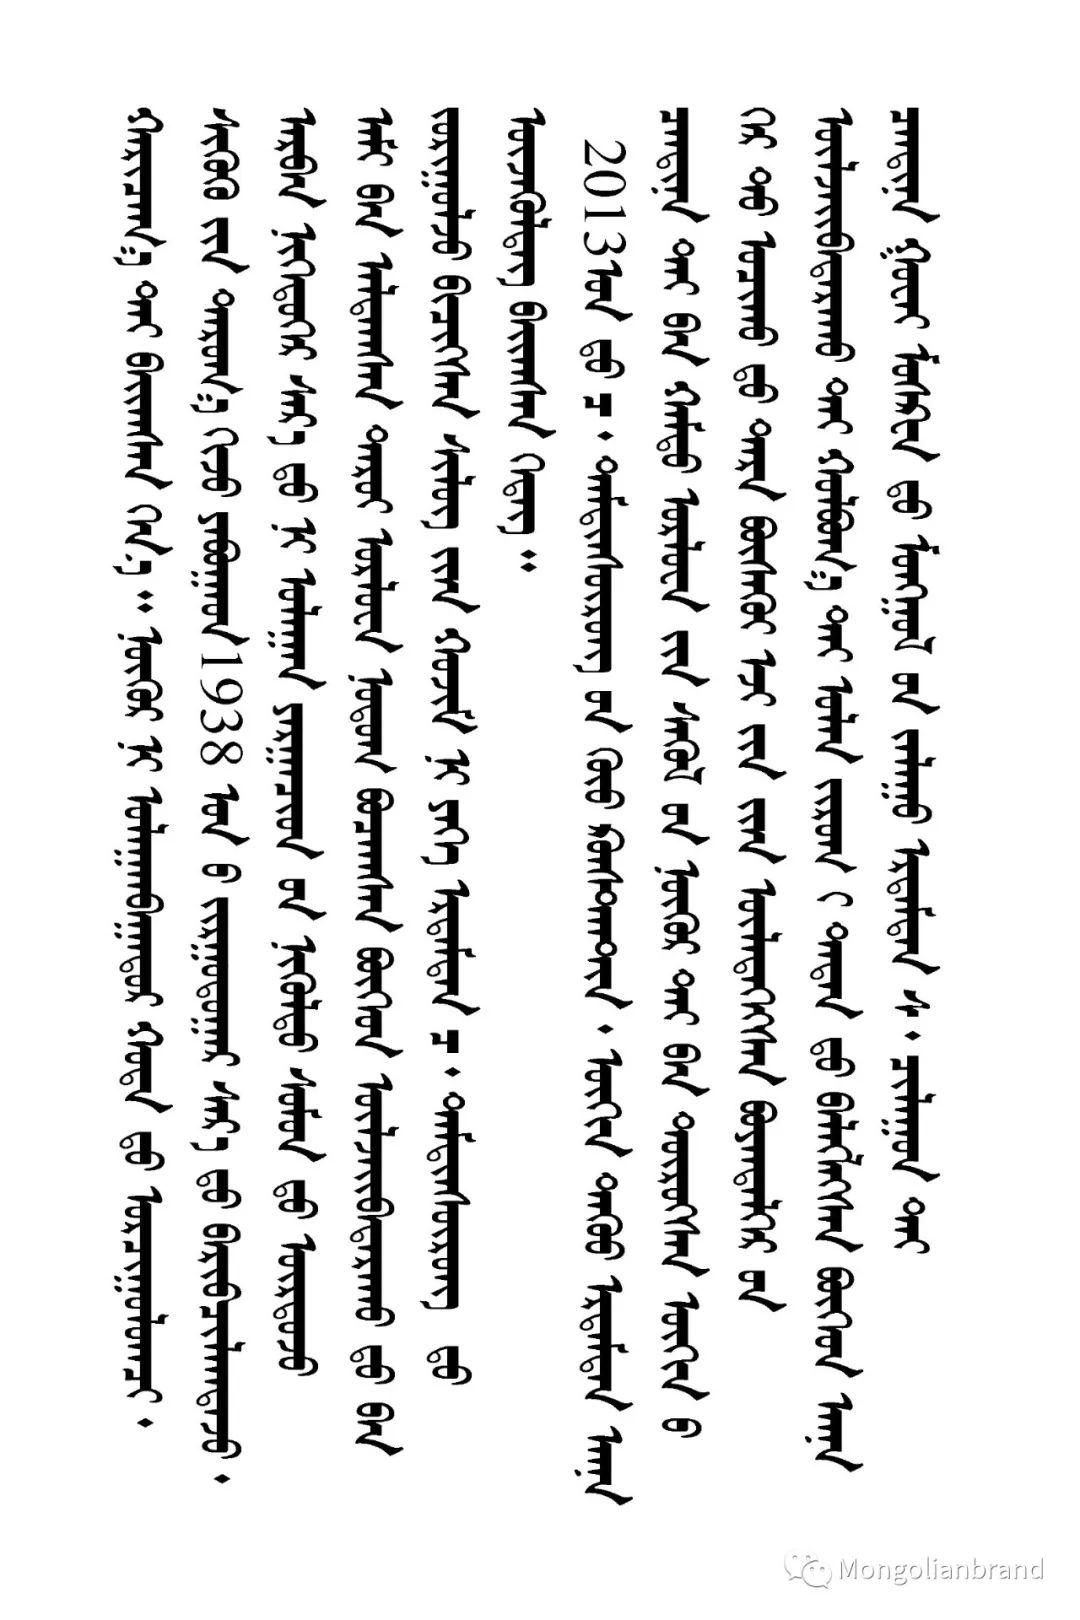 蒙古丨20世纪30年代在蒙古遇害的喀喇沁知识分子乌力吉巴达拉呼 第4张 蒙古丨20世纪30年代在蒙古遇害的喀喇沁知识分子乌力吉巴达拉呼 蒙古文化